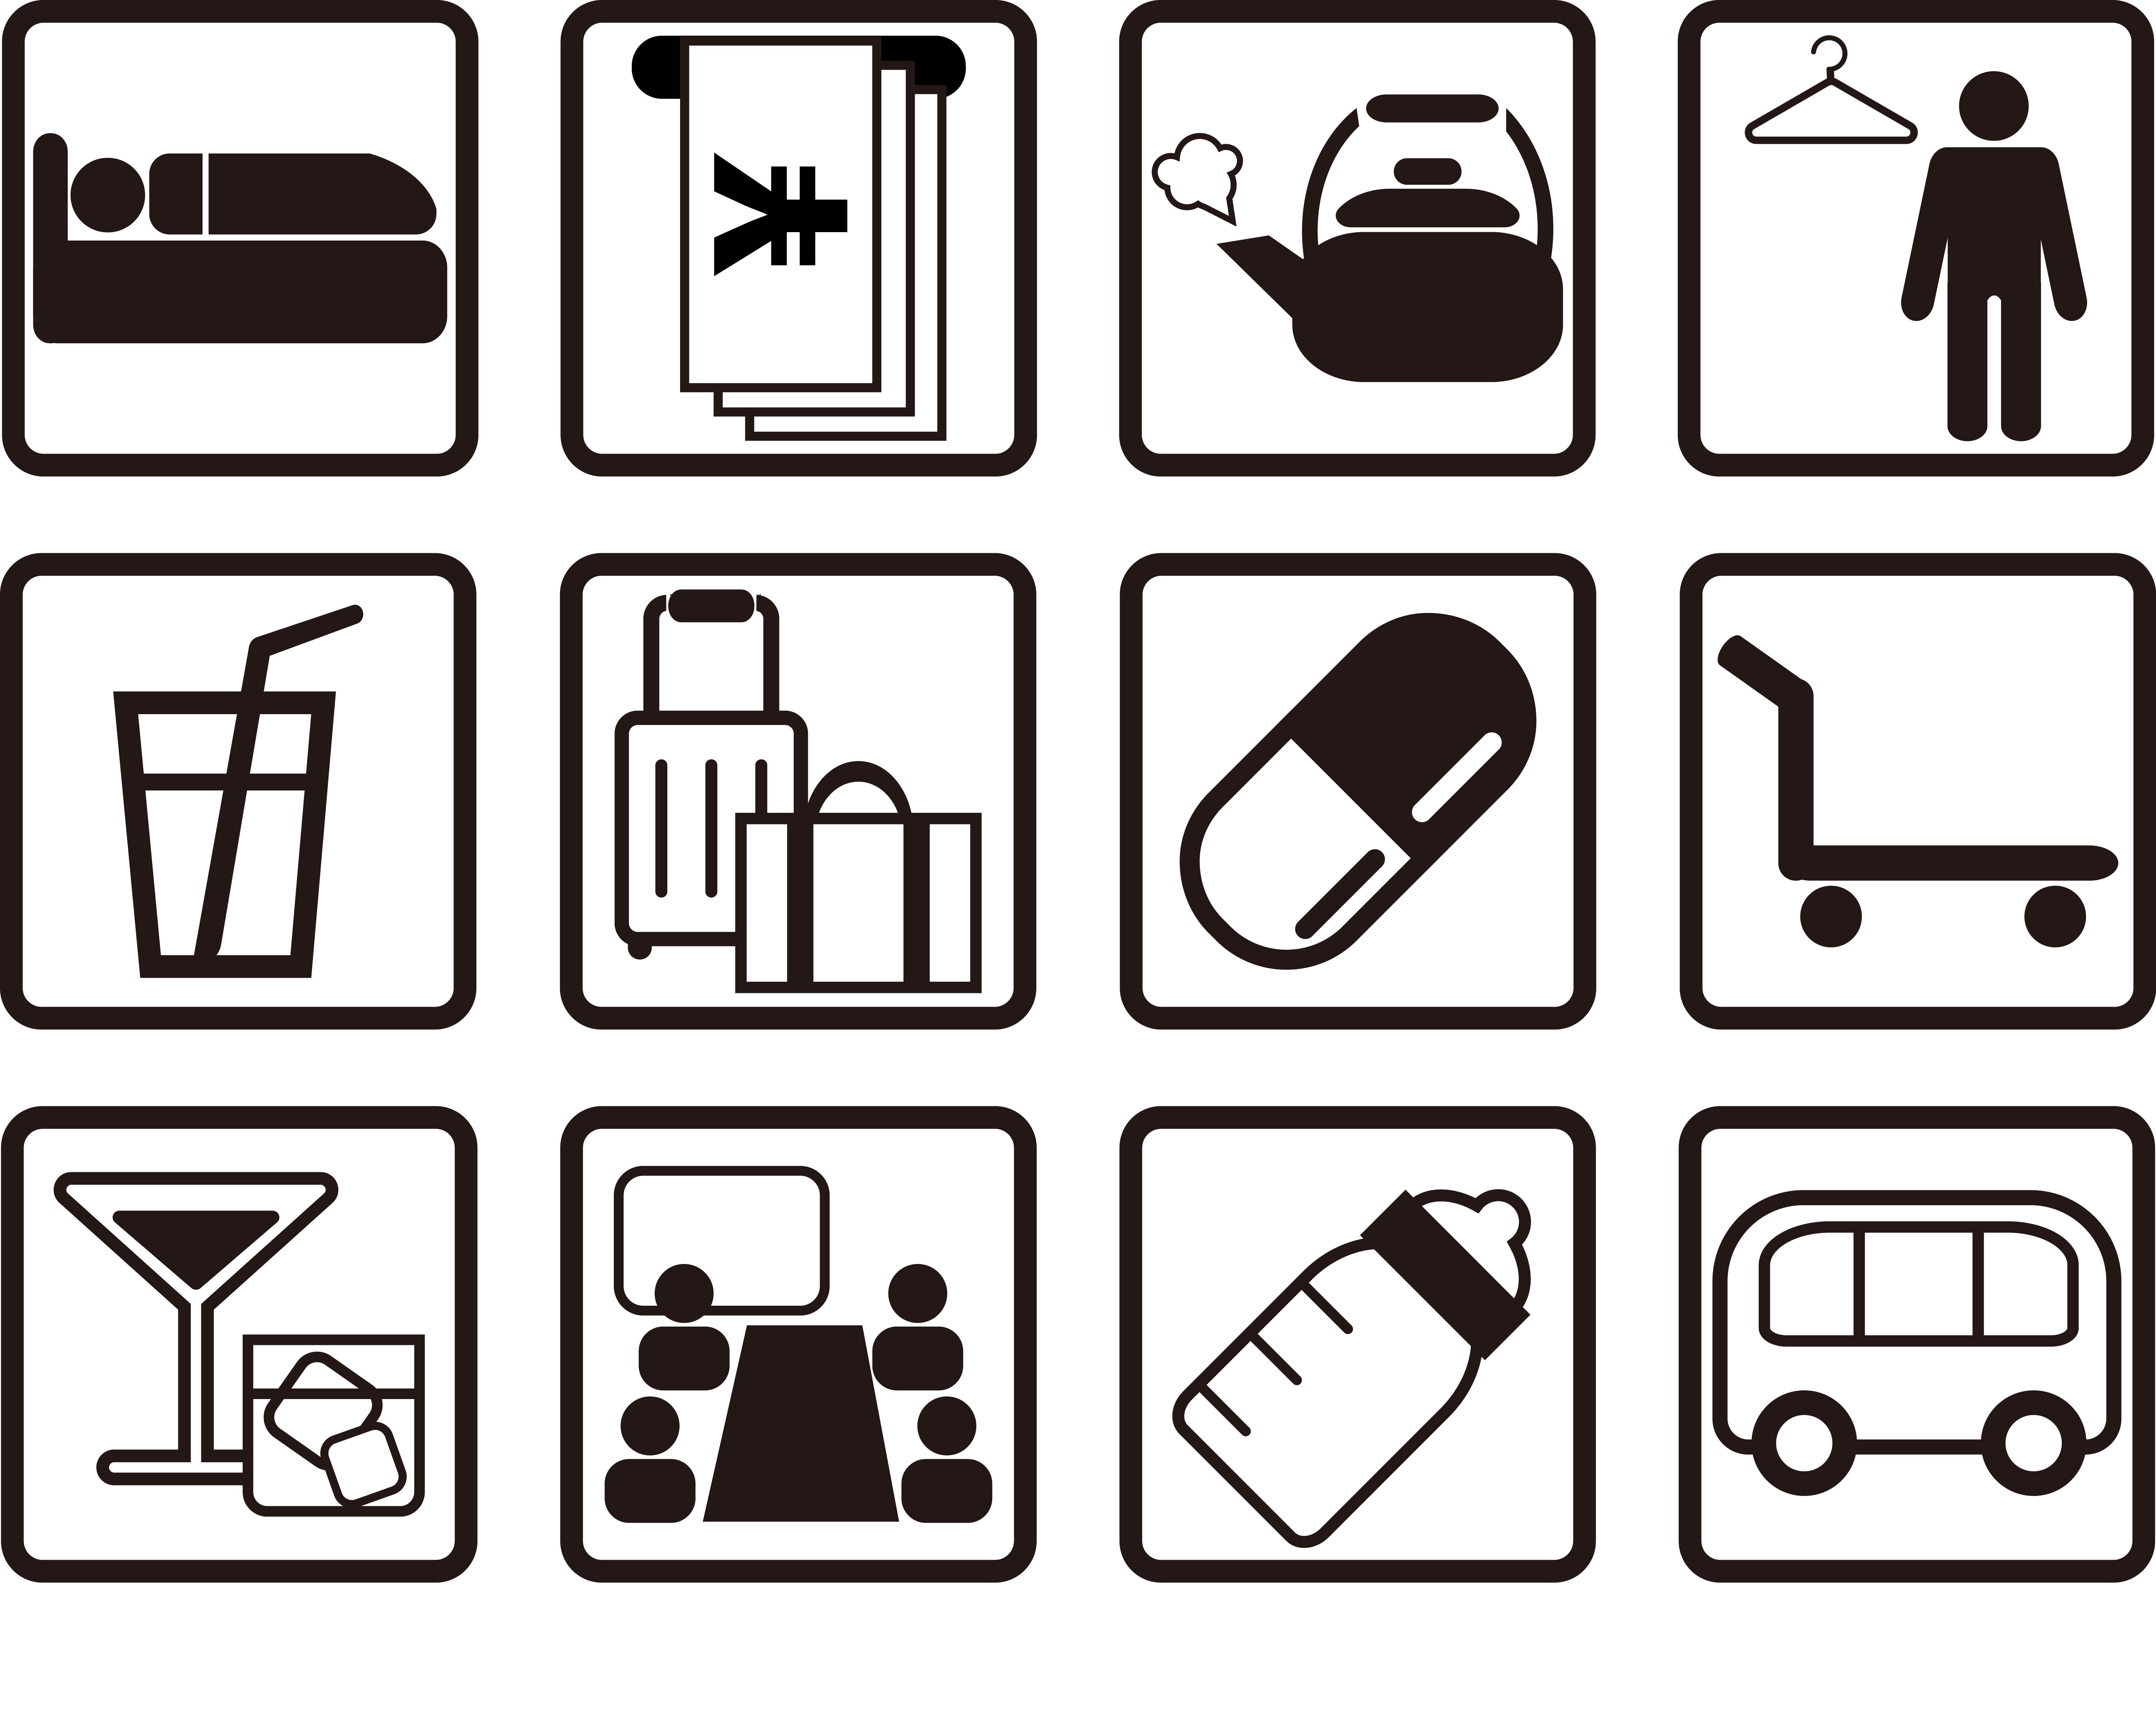 後発品80%時代、高まる販路戦略の重要性。好業績続ける後発品企業、DPC病院で拡大